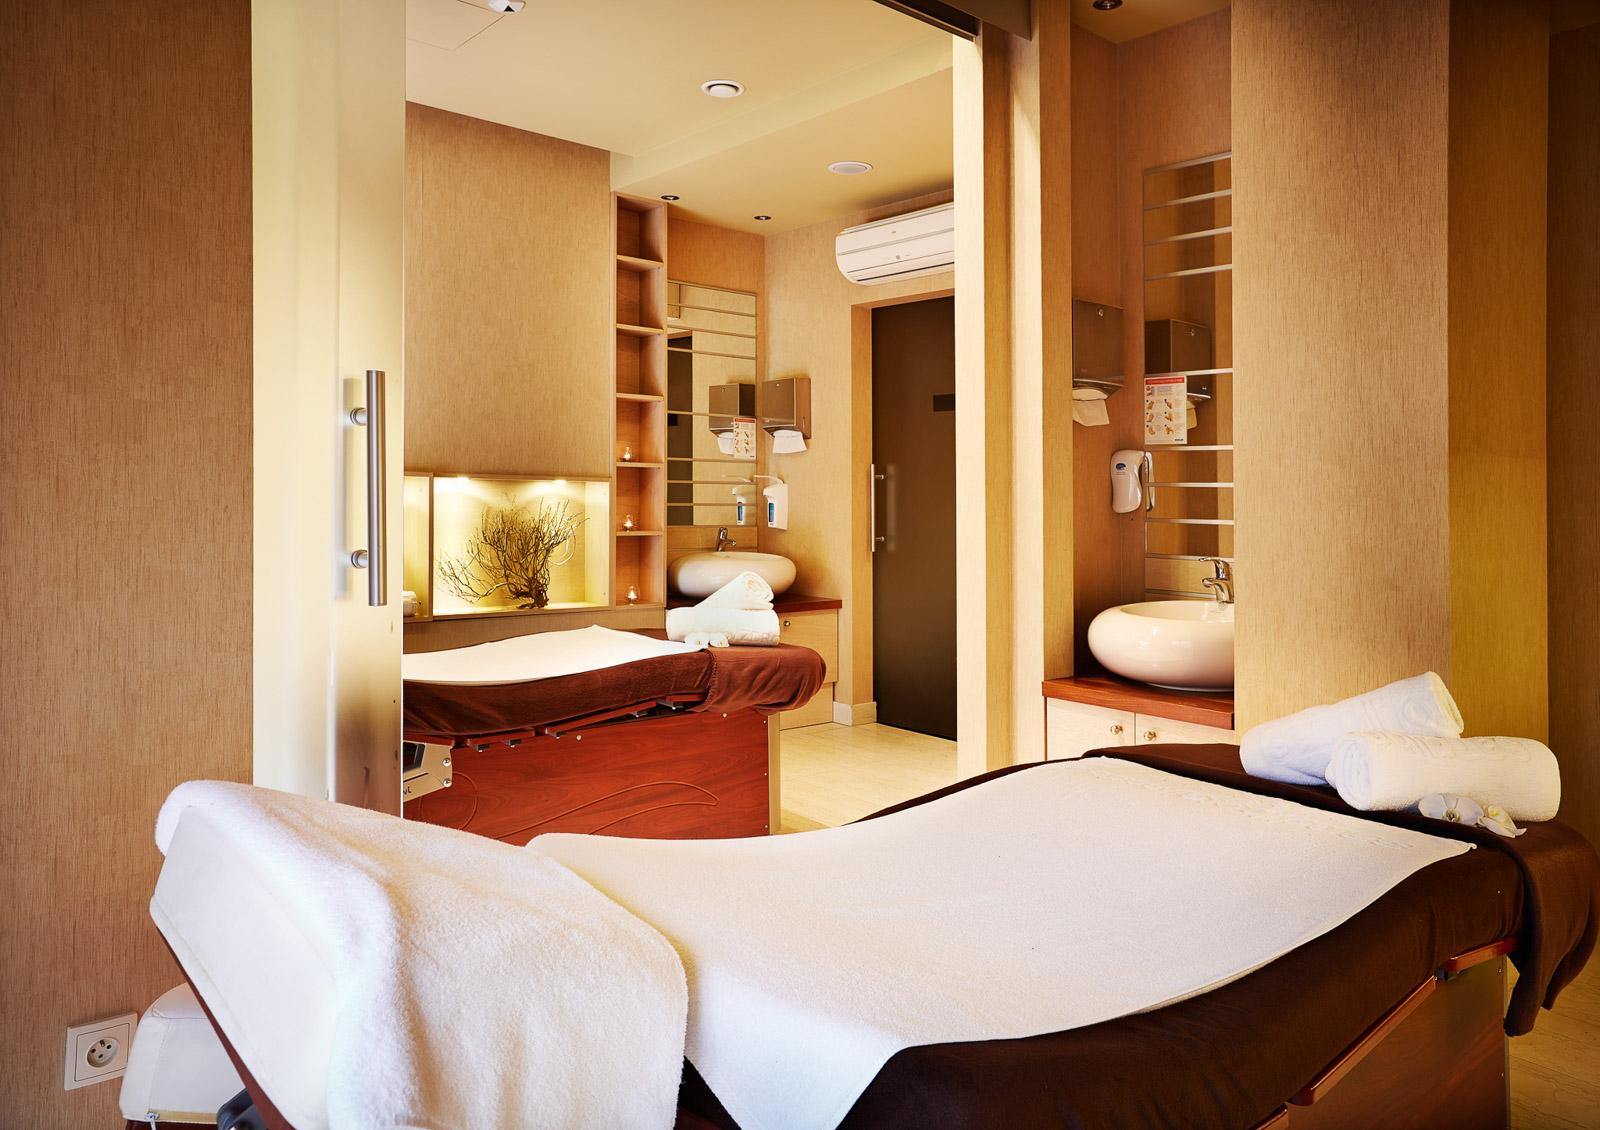 Sand_Hotel-by_Zdrojowa-Kolobrzeg-Wellness-Gabinet-Cabinet-01-HiRes